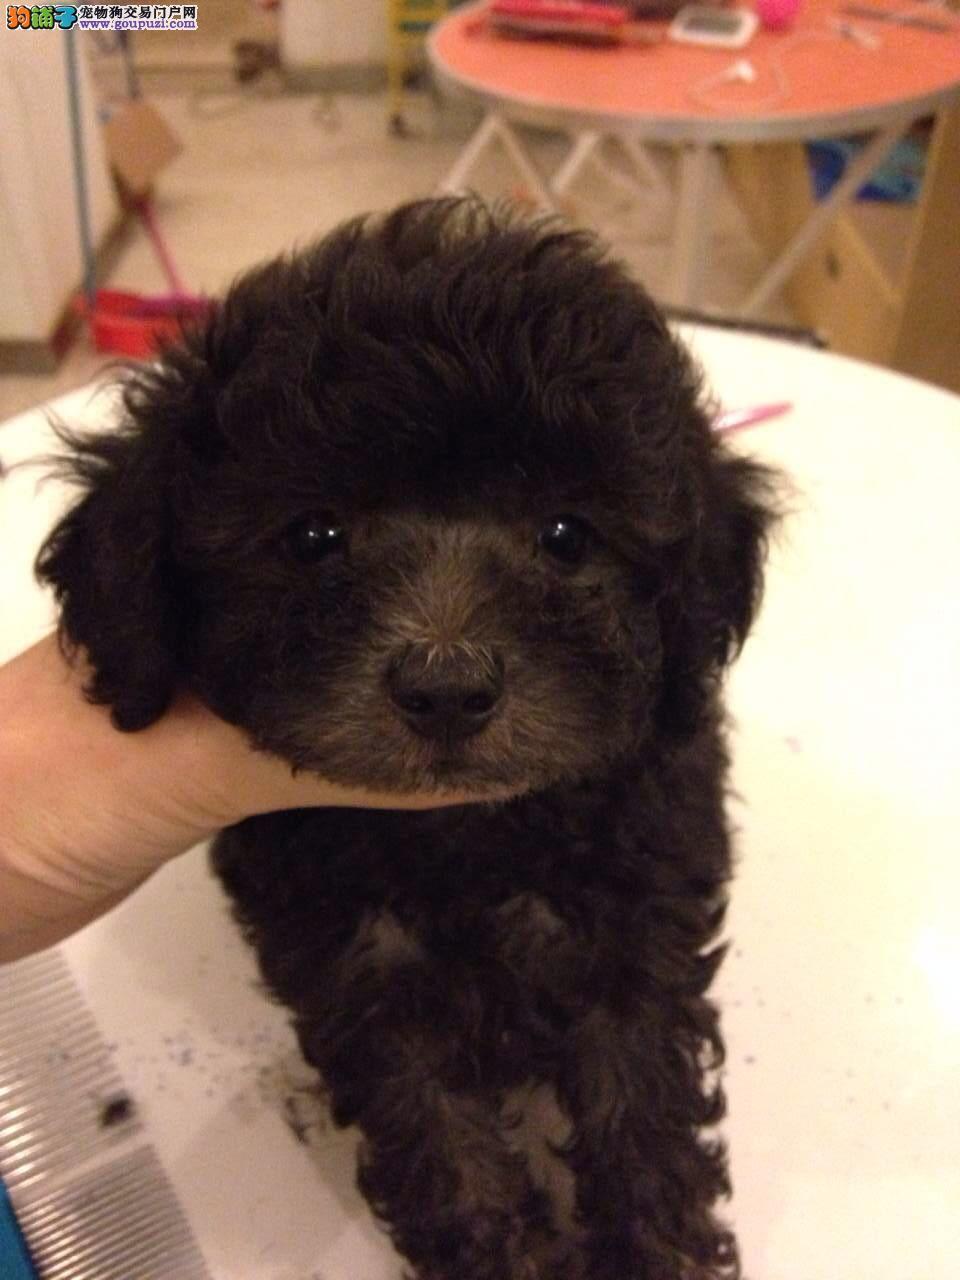 普陀区正规犬舍买泰迪犬